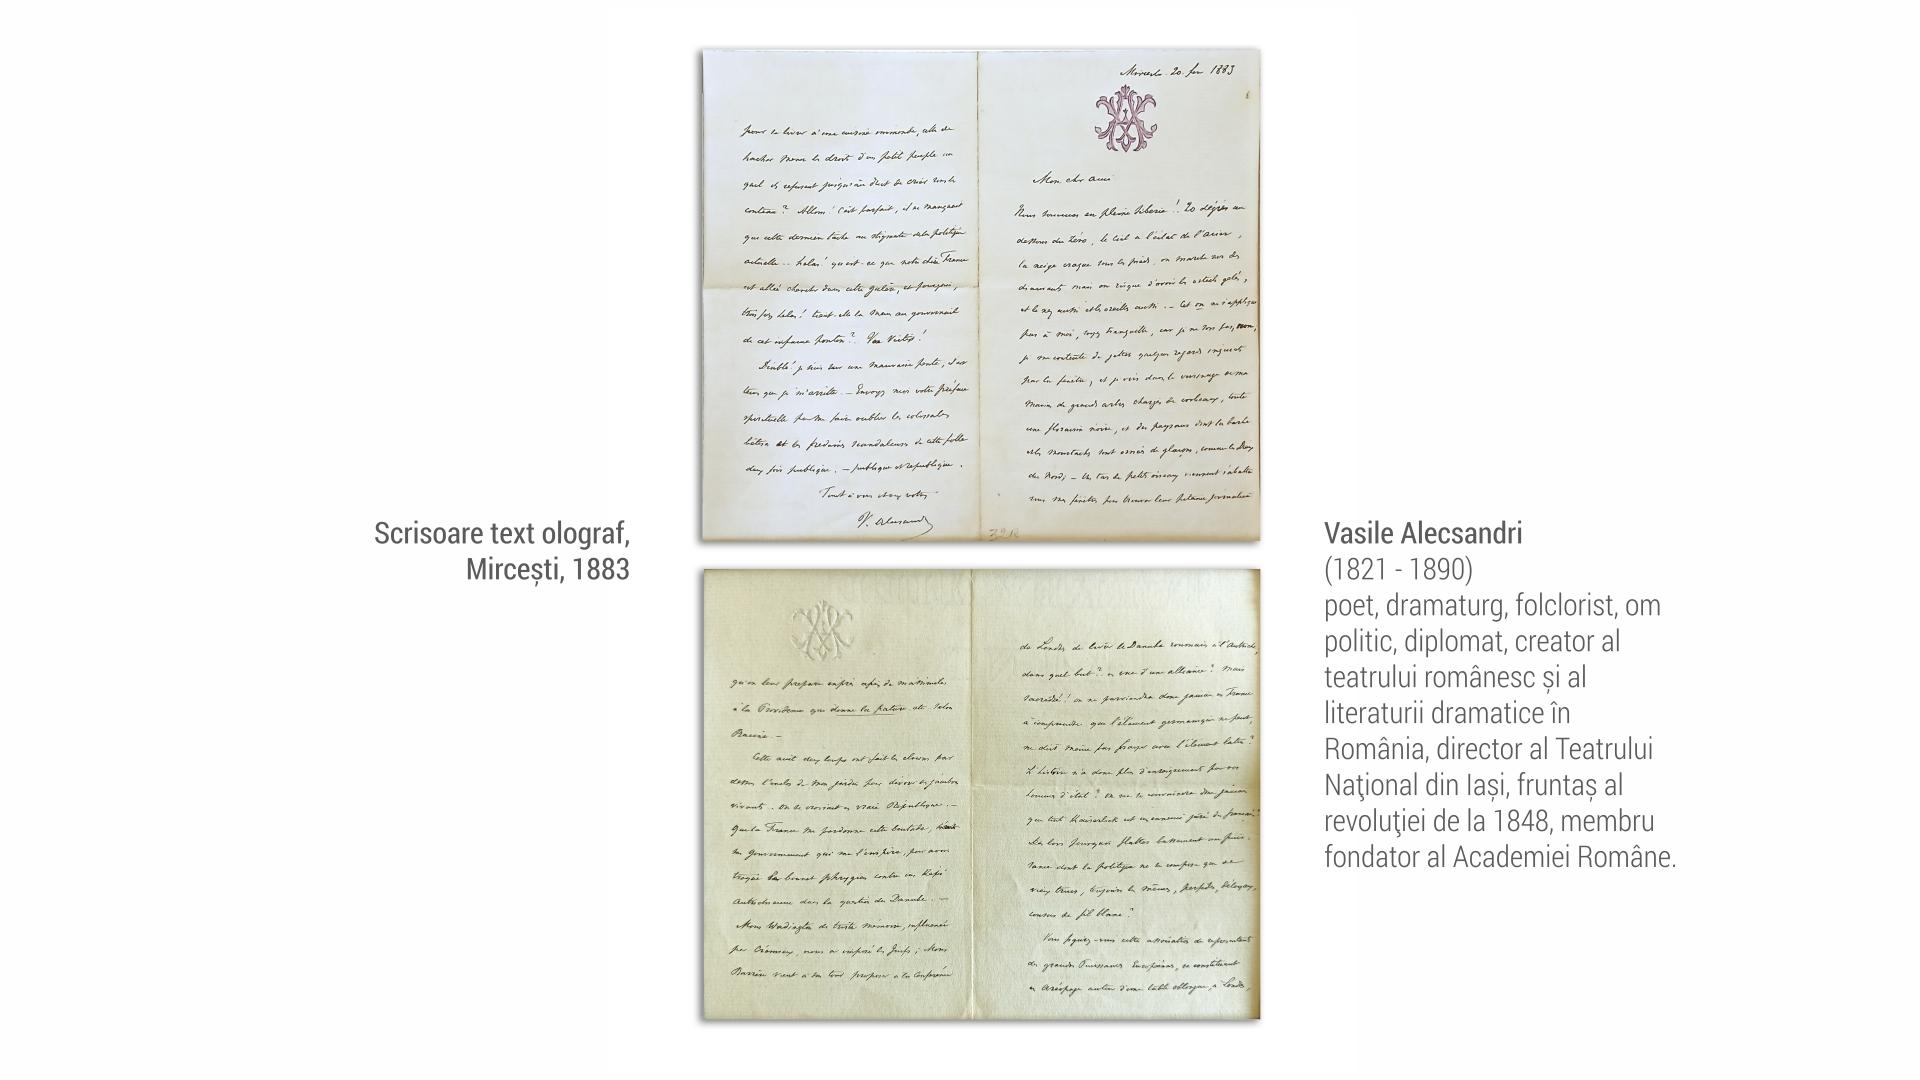 1821 Vasile Alecsandri - scrisoare